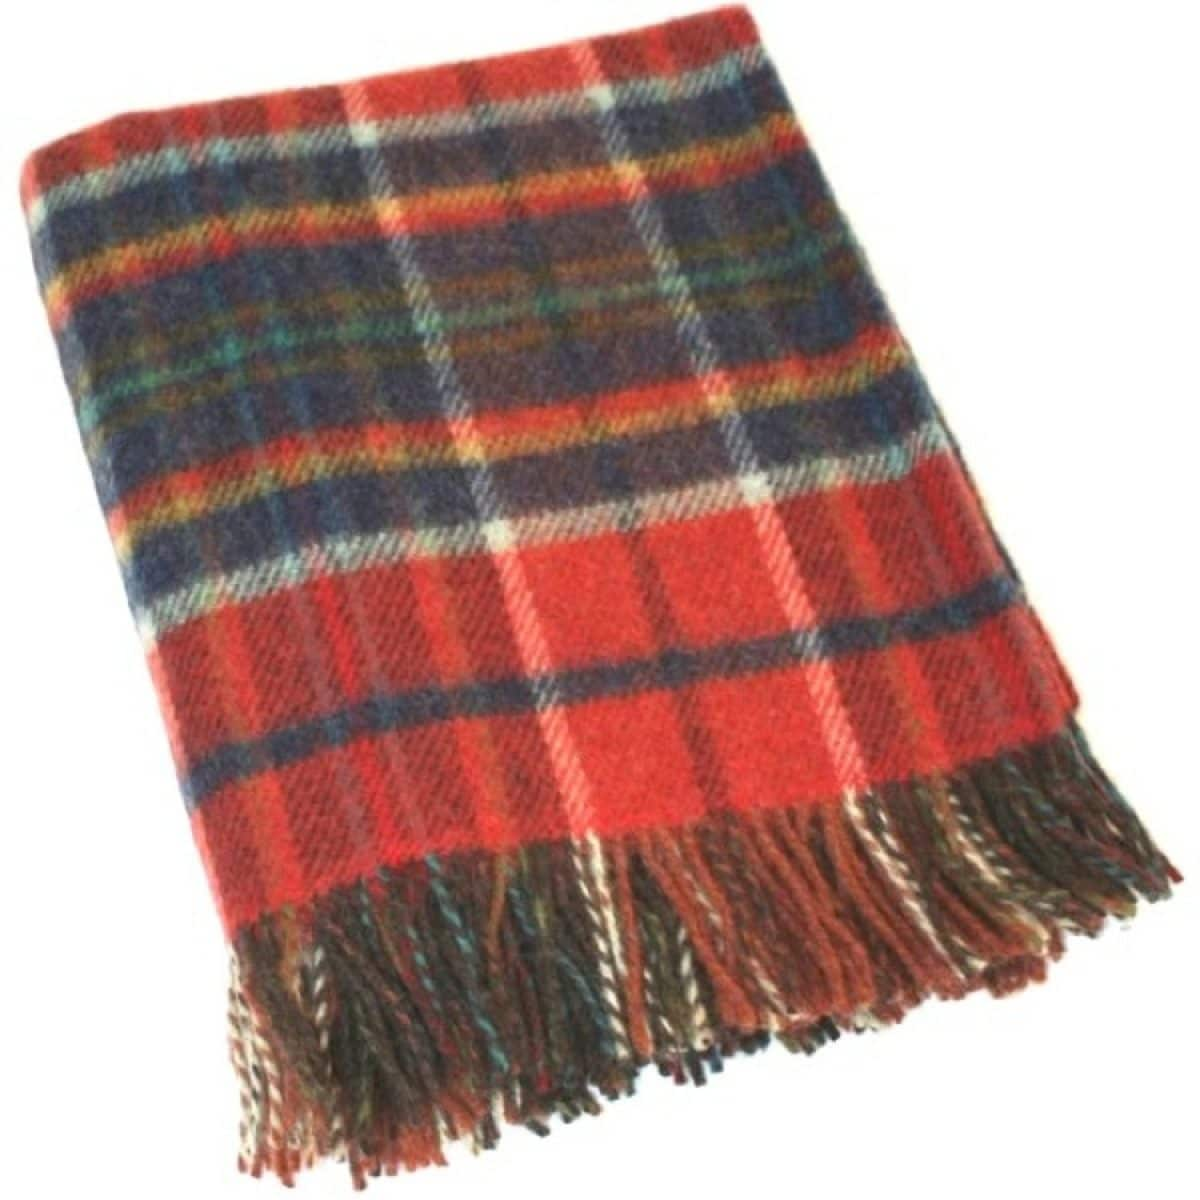 Wool Blanket - Fiery Sunset